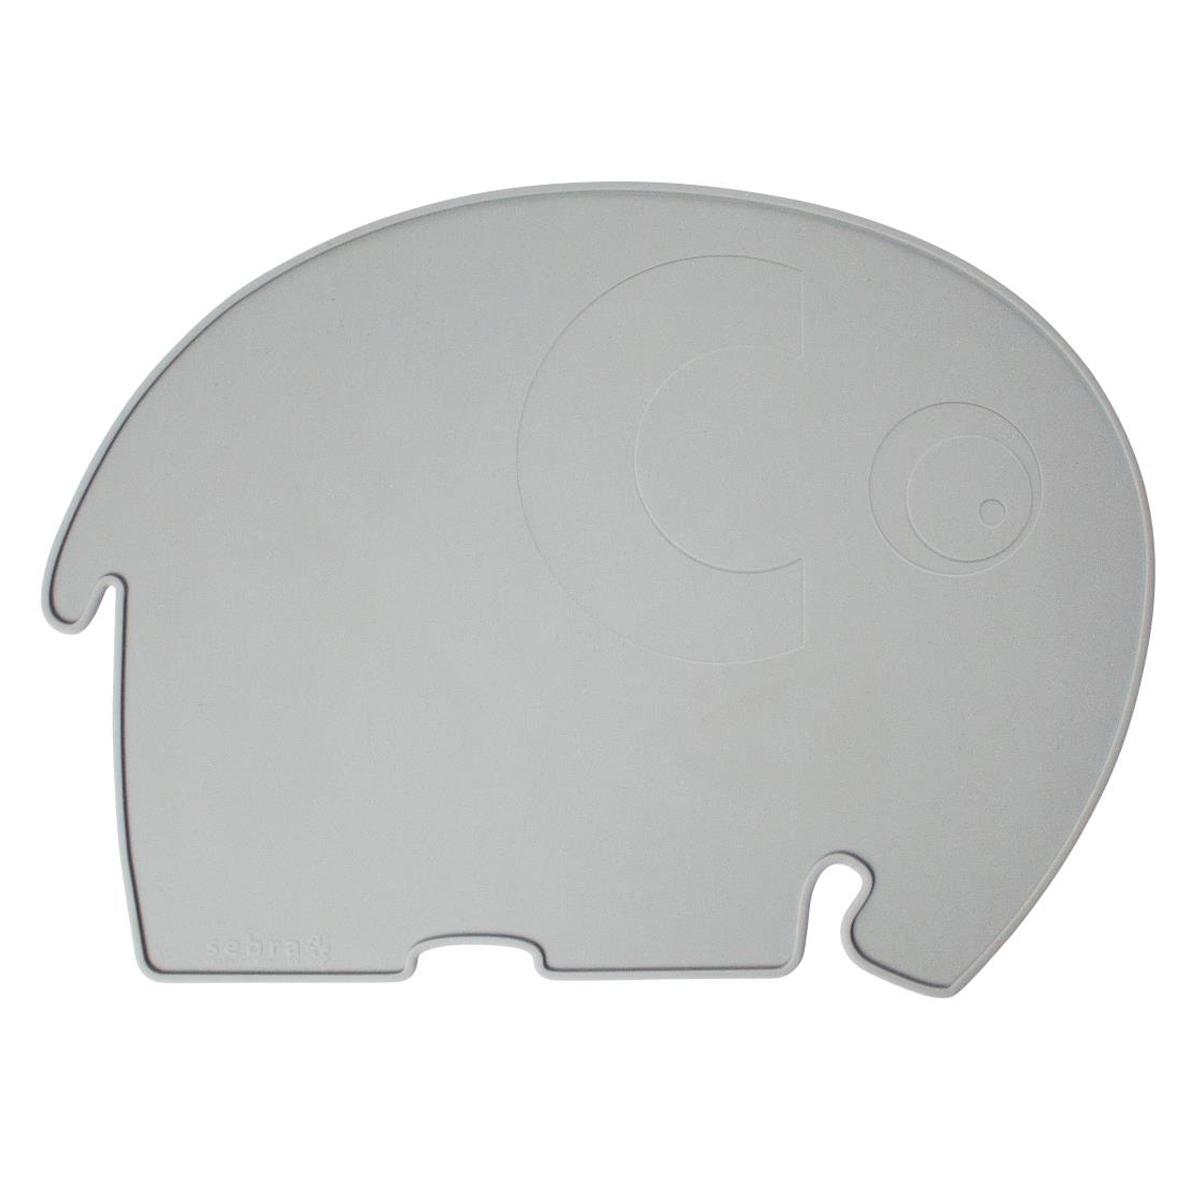 Vaisselle & Couvert Set de Table Eléphant - Gris Set de Table Eléphant - Gris